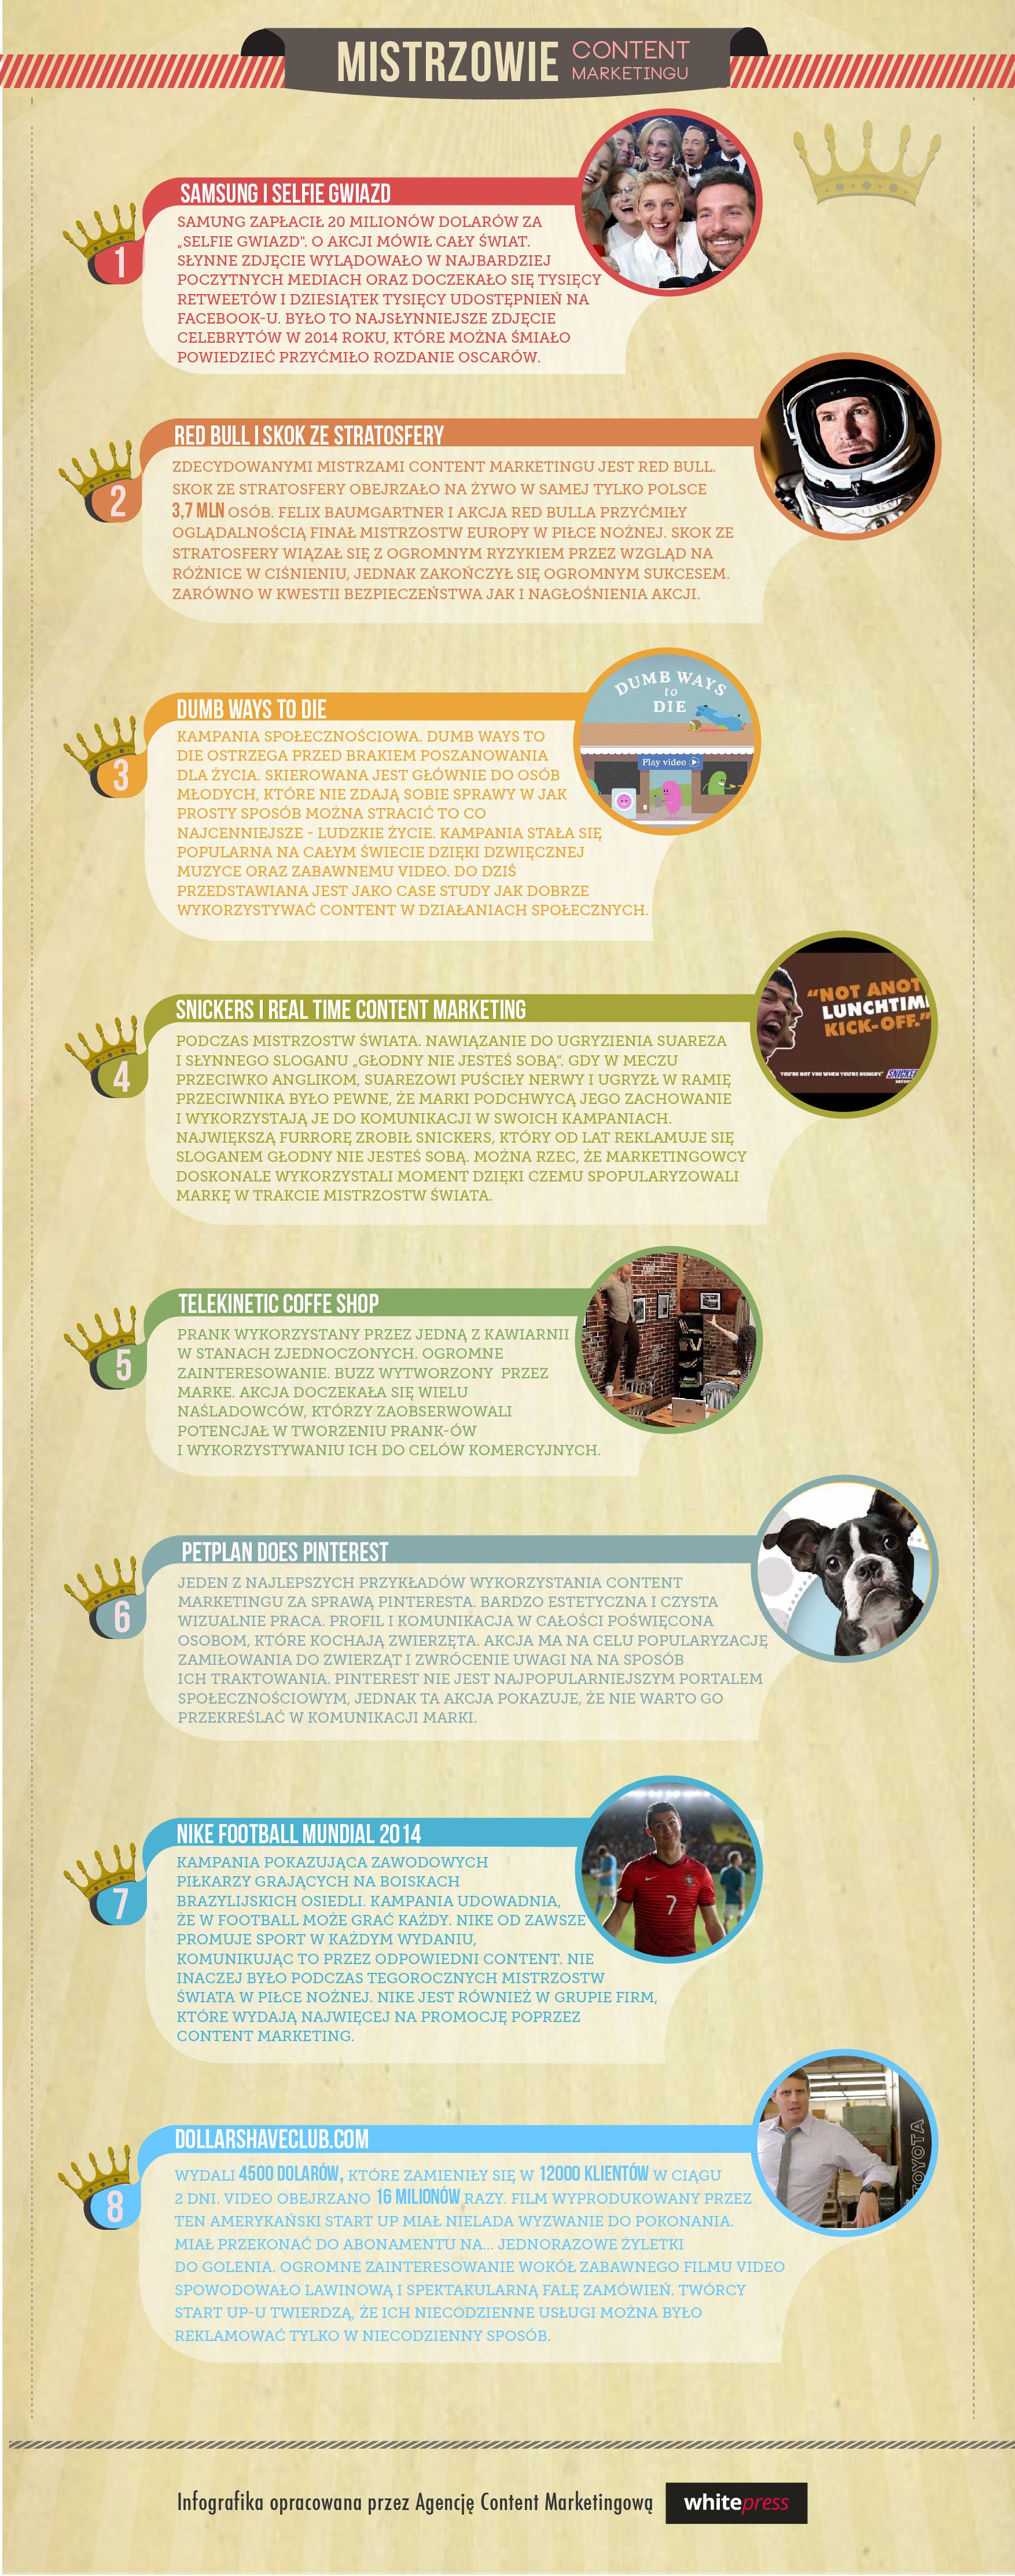 infografika mistrzowie content marketingu-01